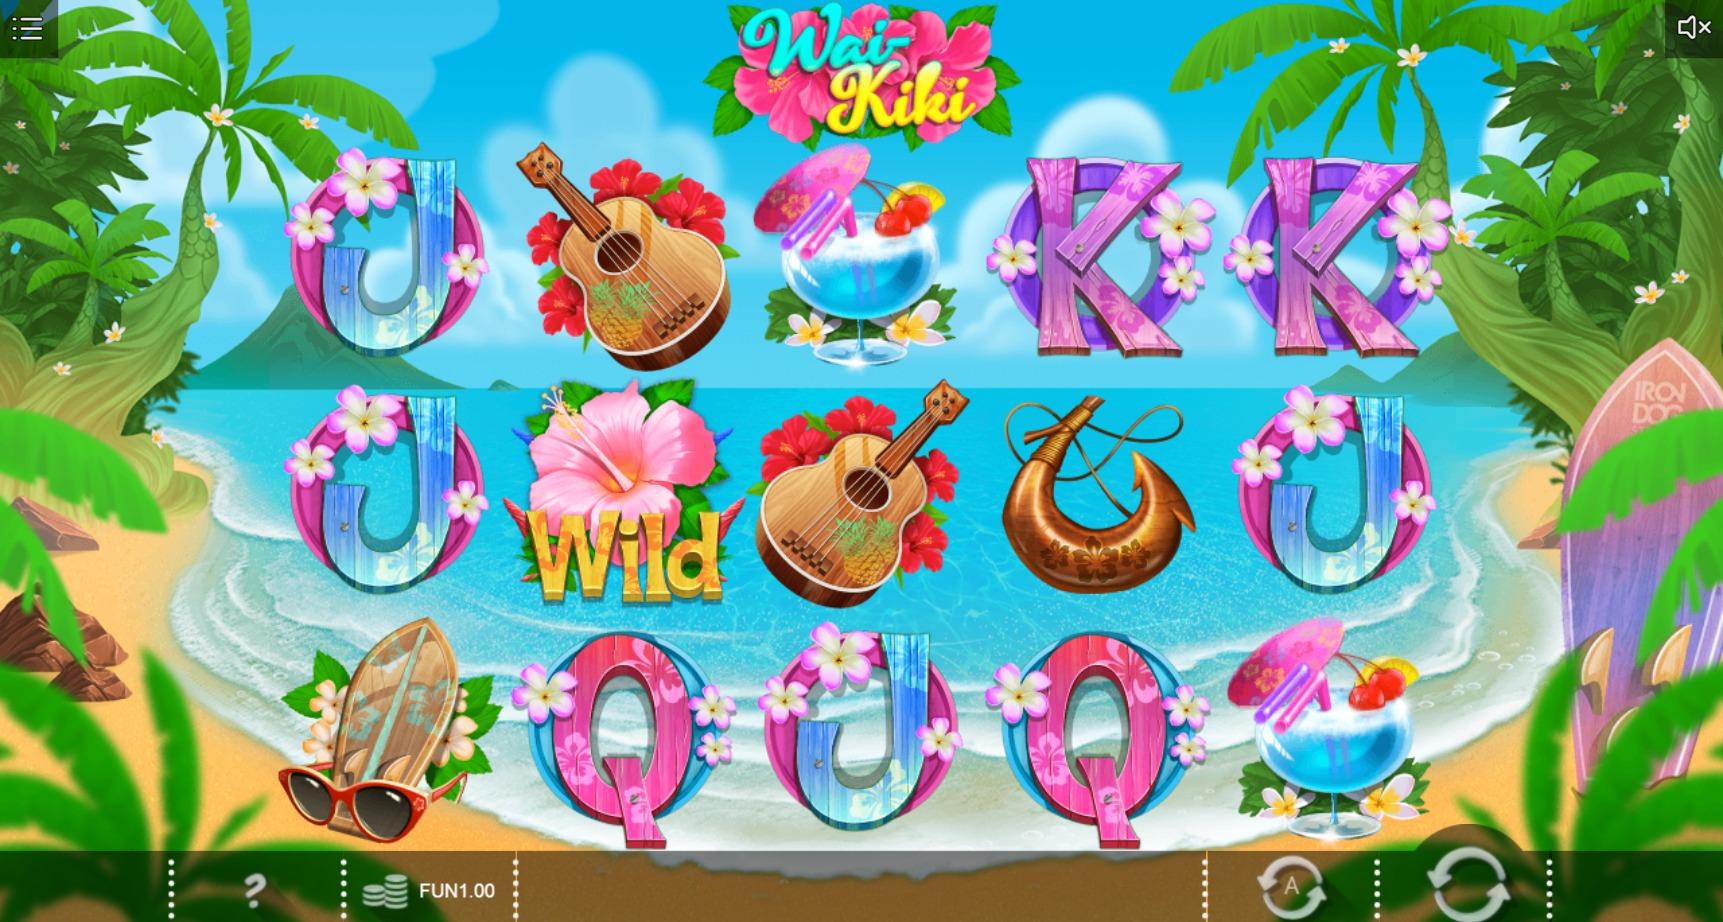 бесплатное казино играть онлайн бесплатно